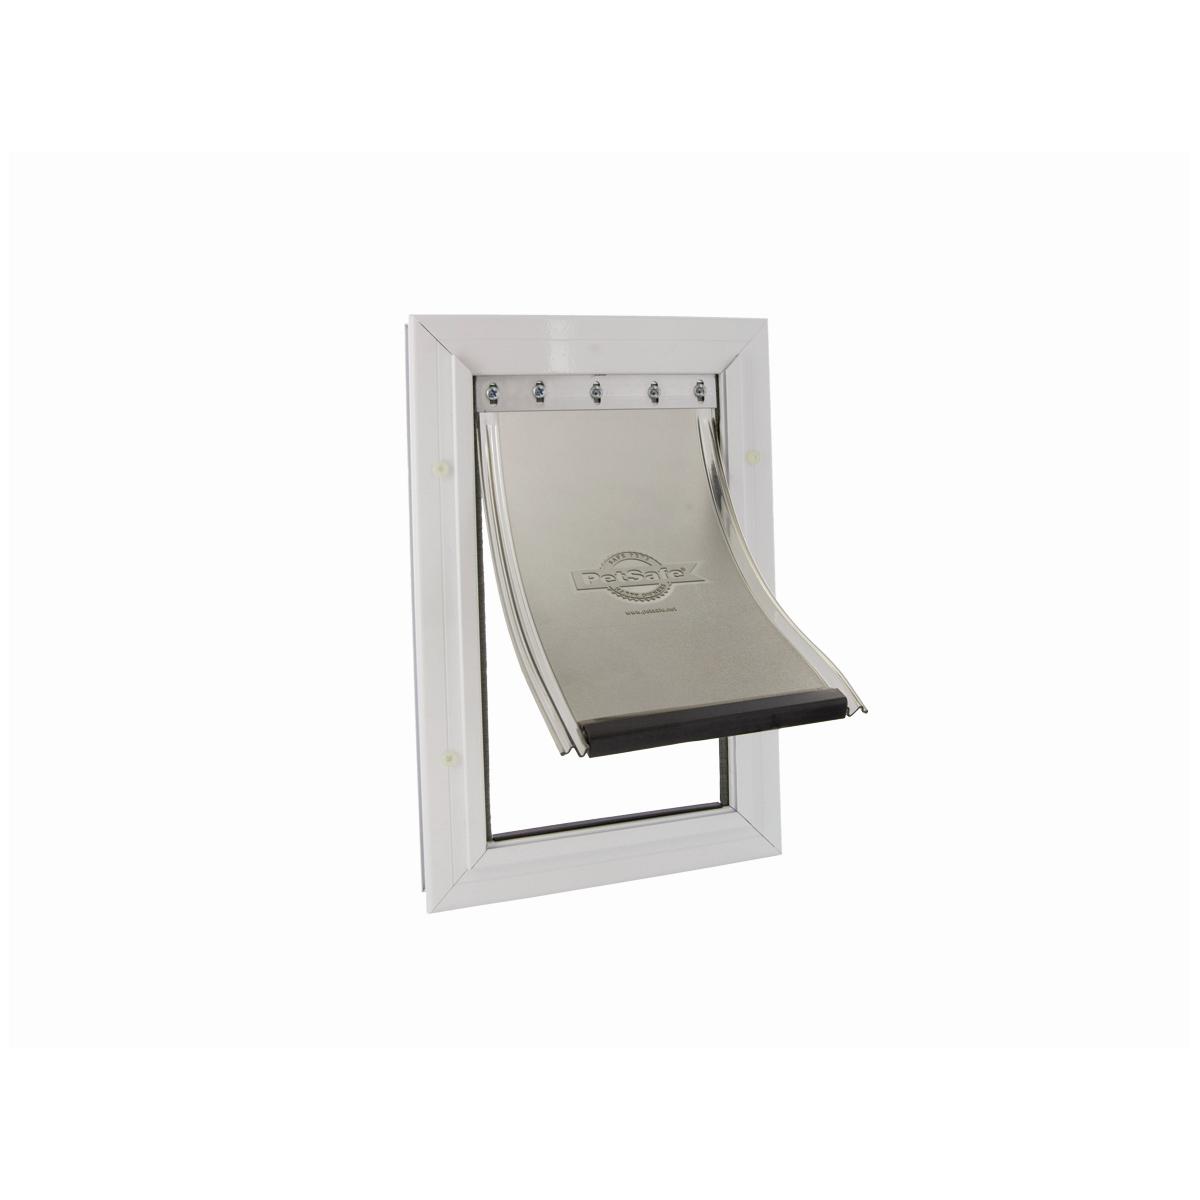 Afbeelding Staywell 640 Large Aluminium Pet Door Per stuk door Dierspecialist.nl